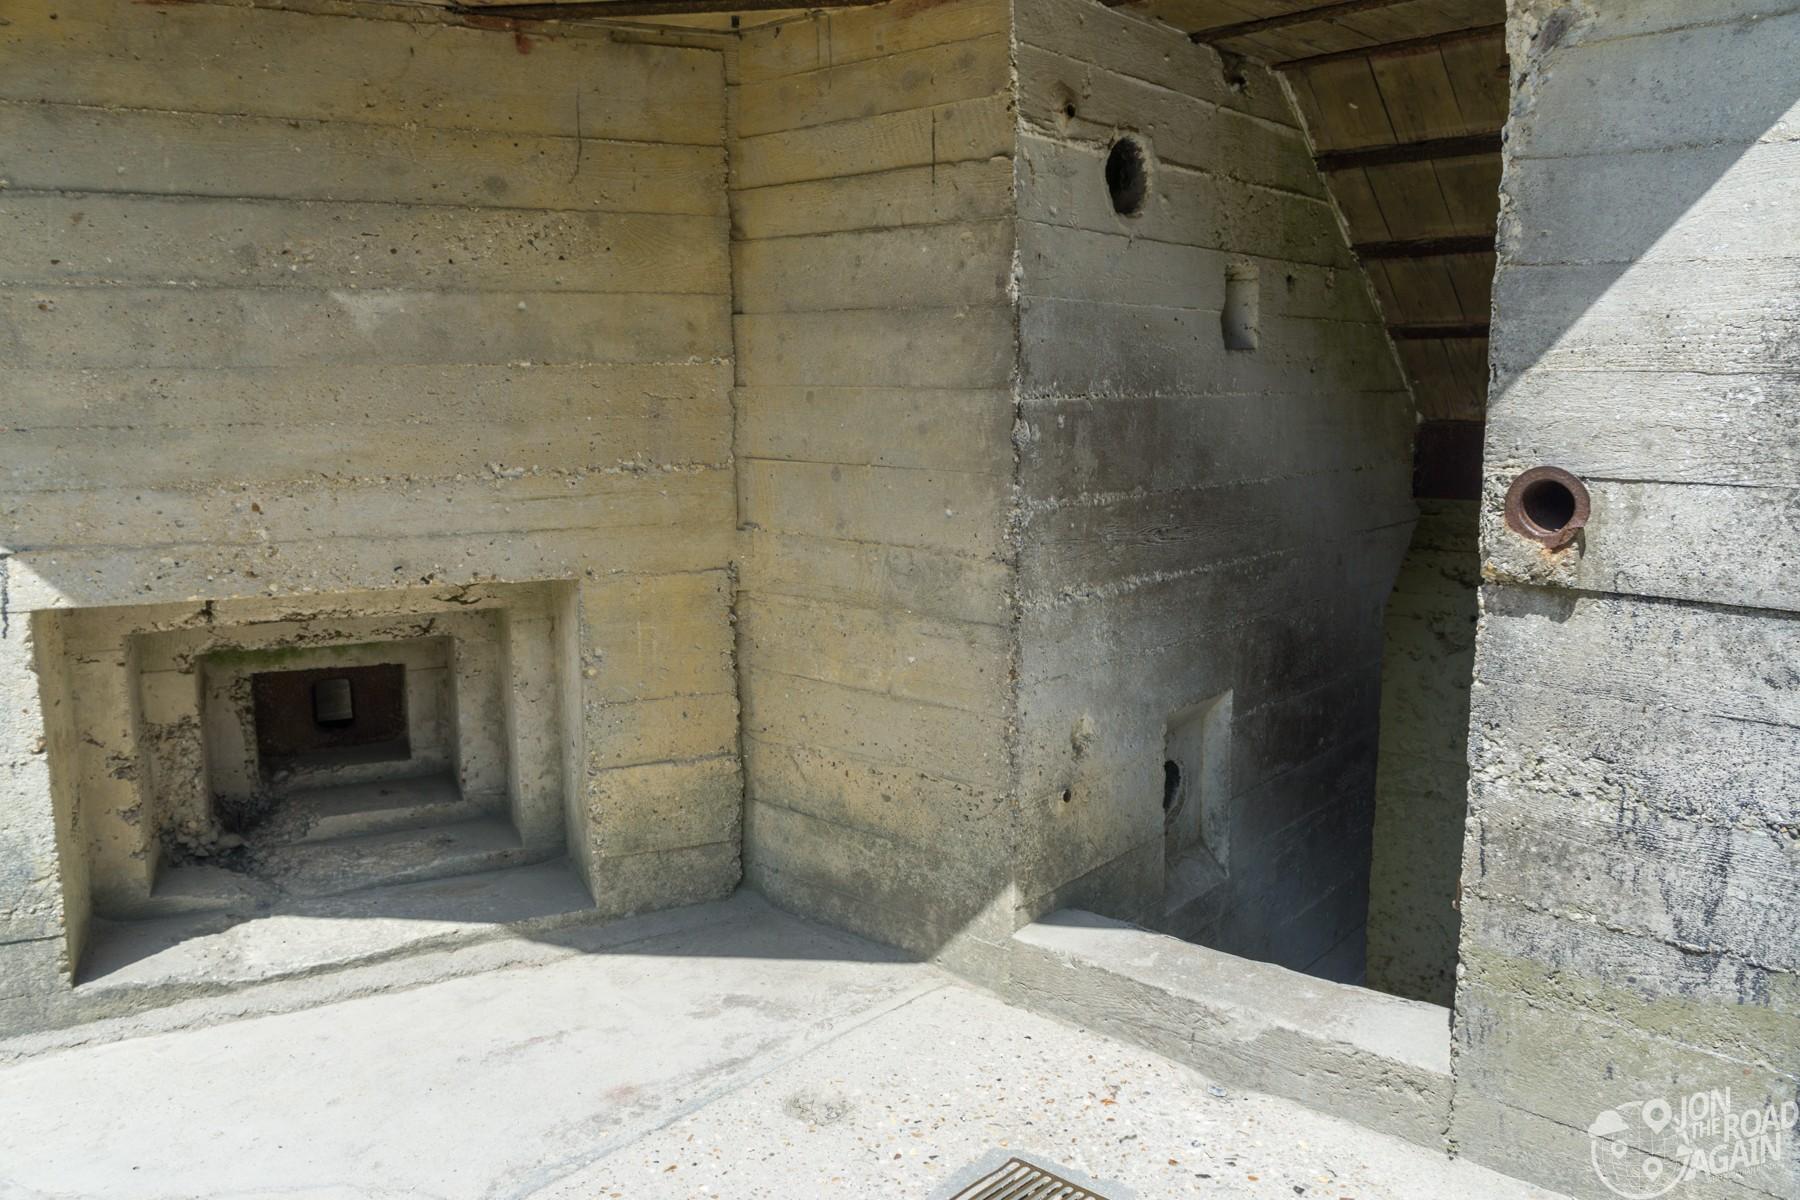 Pointe du Hoc observation bunker